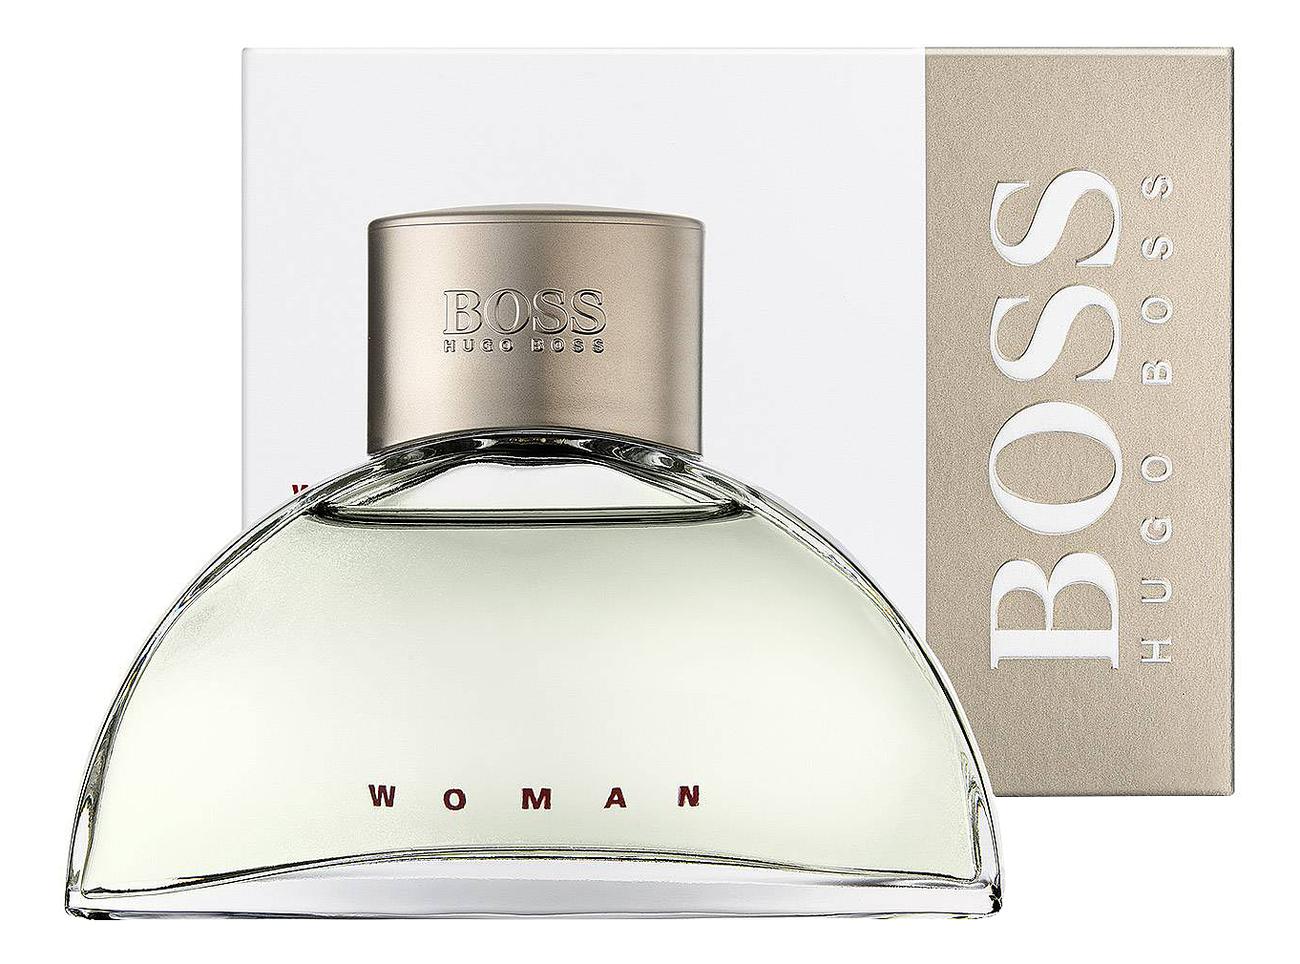 Hugo Boss Woman: парфюмерная вода 90мл